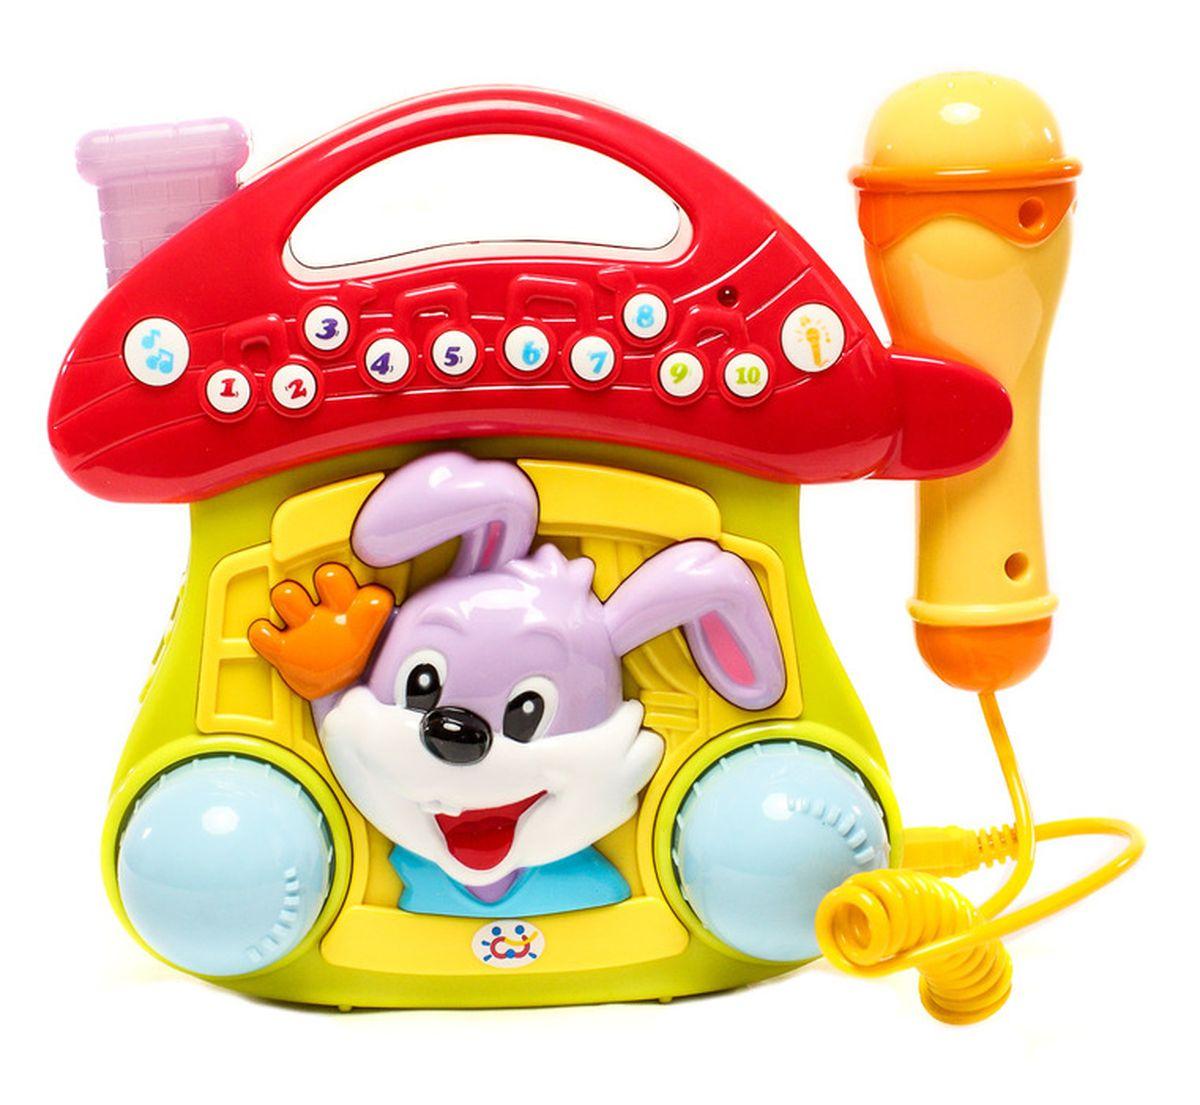 Huile Toys Игрушка музыкальная с микрофоном668Музыкально-световой грибочек - караоке.Игрушка для развития музыкальных и творческих навыков малыша.